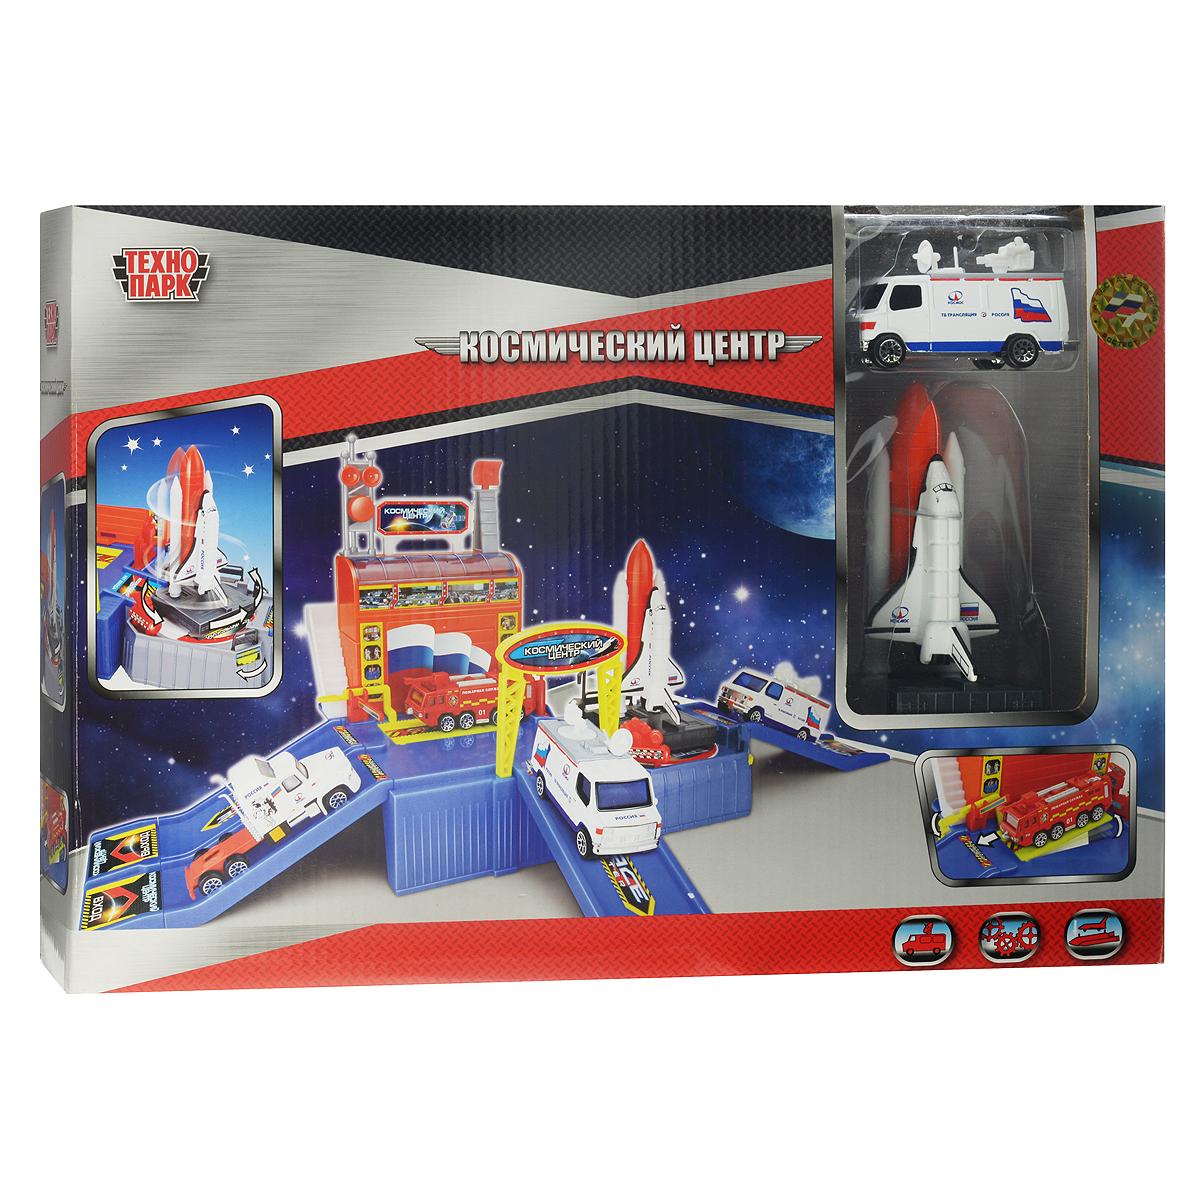 Игровой набор Технопарк Космический центр. 2854328543Игровой набор Технопарк Космический центр приятно порадует любого юного любителя космонавтики. Набор включает пластиковое здание космического центра с подвижными элементами, шаттл и машинку. Корпусы машинок выполнены из металла с элементами из пластика; колеса крутятся. Космический центр имеет три съезда; установка с шаттлом вращается. Теперь у вас дома появится настоящий космический полигон! Ваш ребенок с радостью будет играть с этим удивительным набором, придумывая различные захватывающие сюжеты. Порадуйте своего малыша таким замечательным подарком!